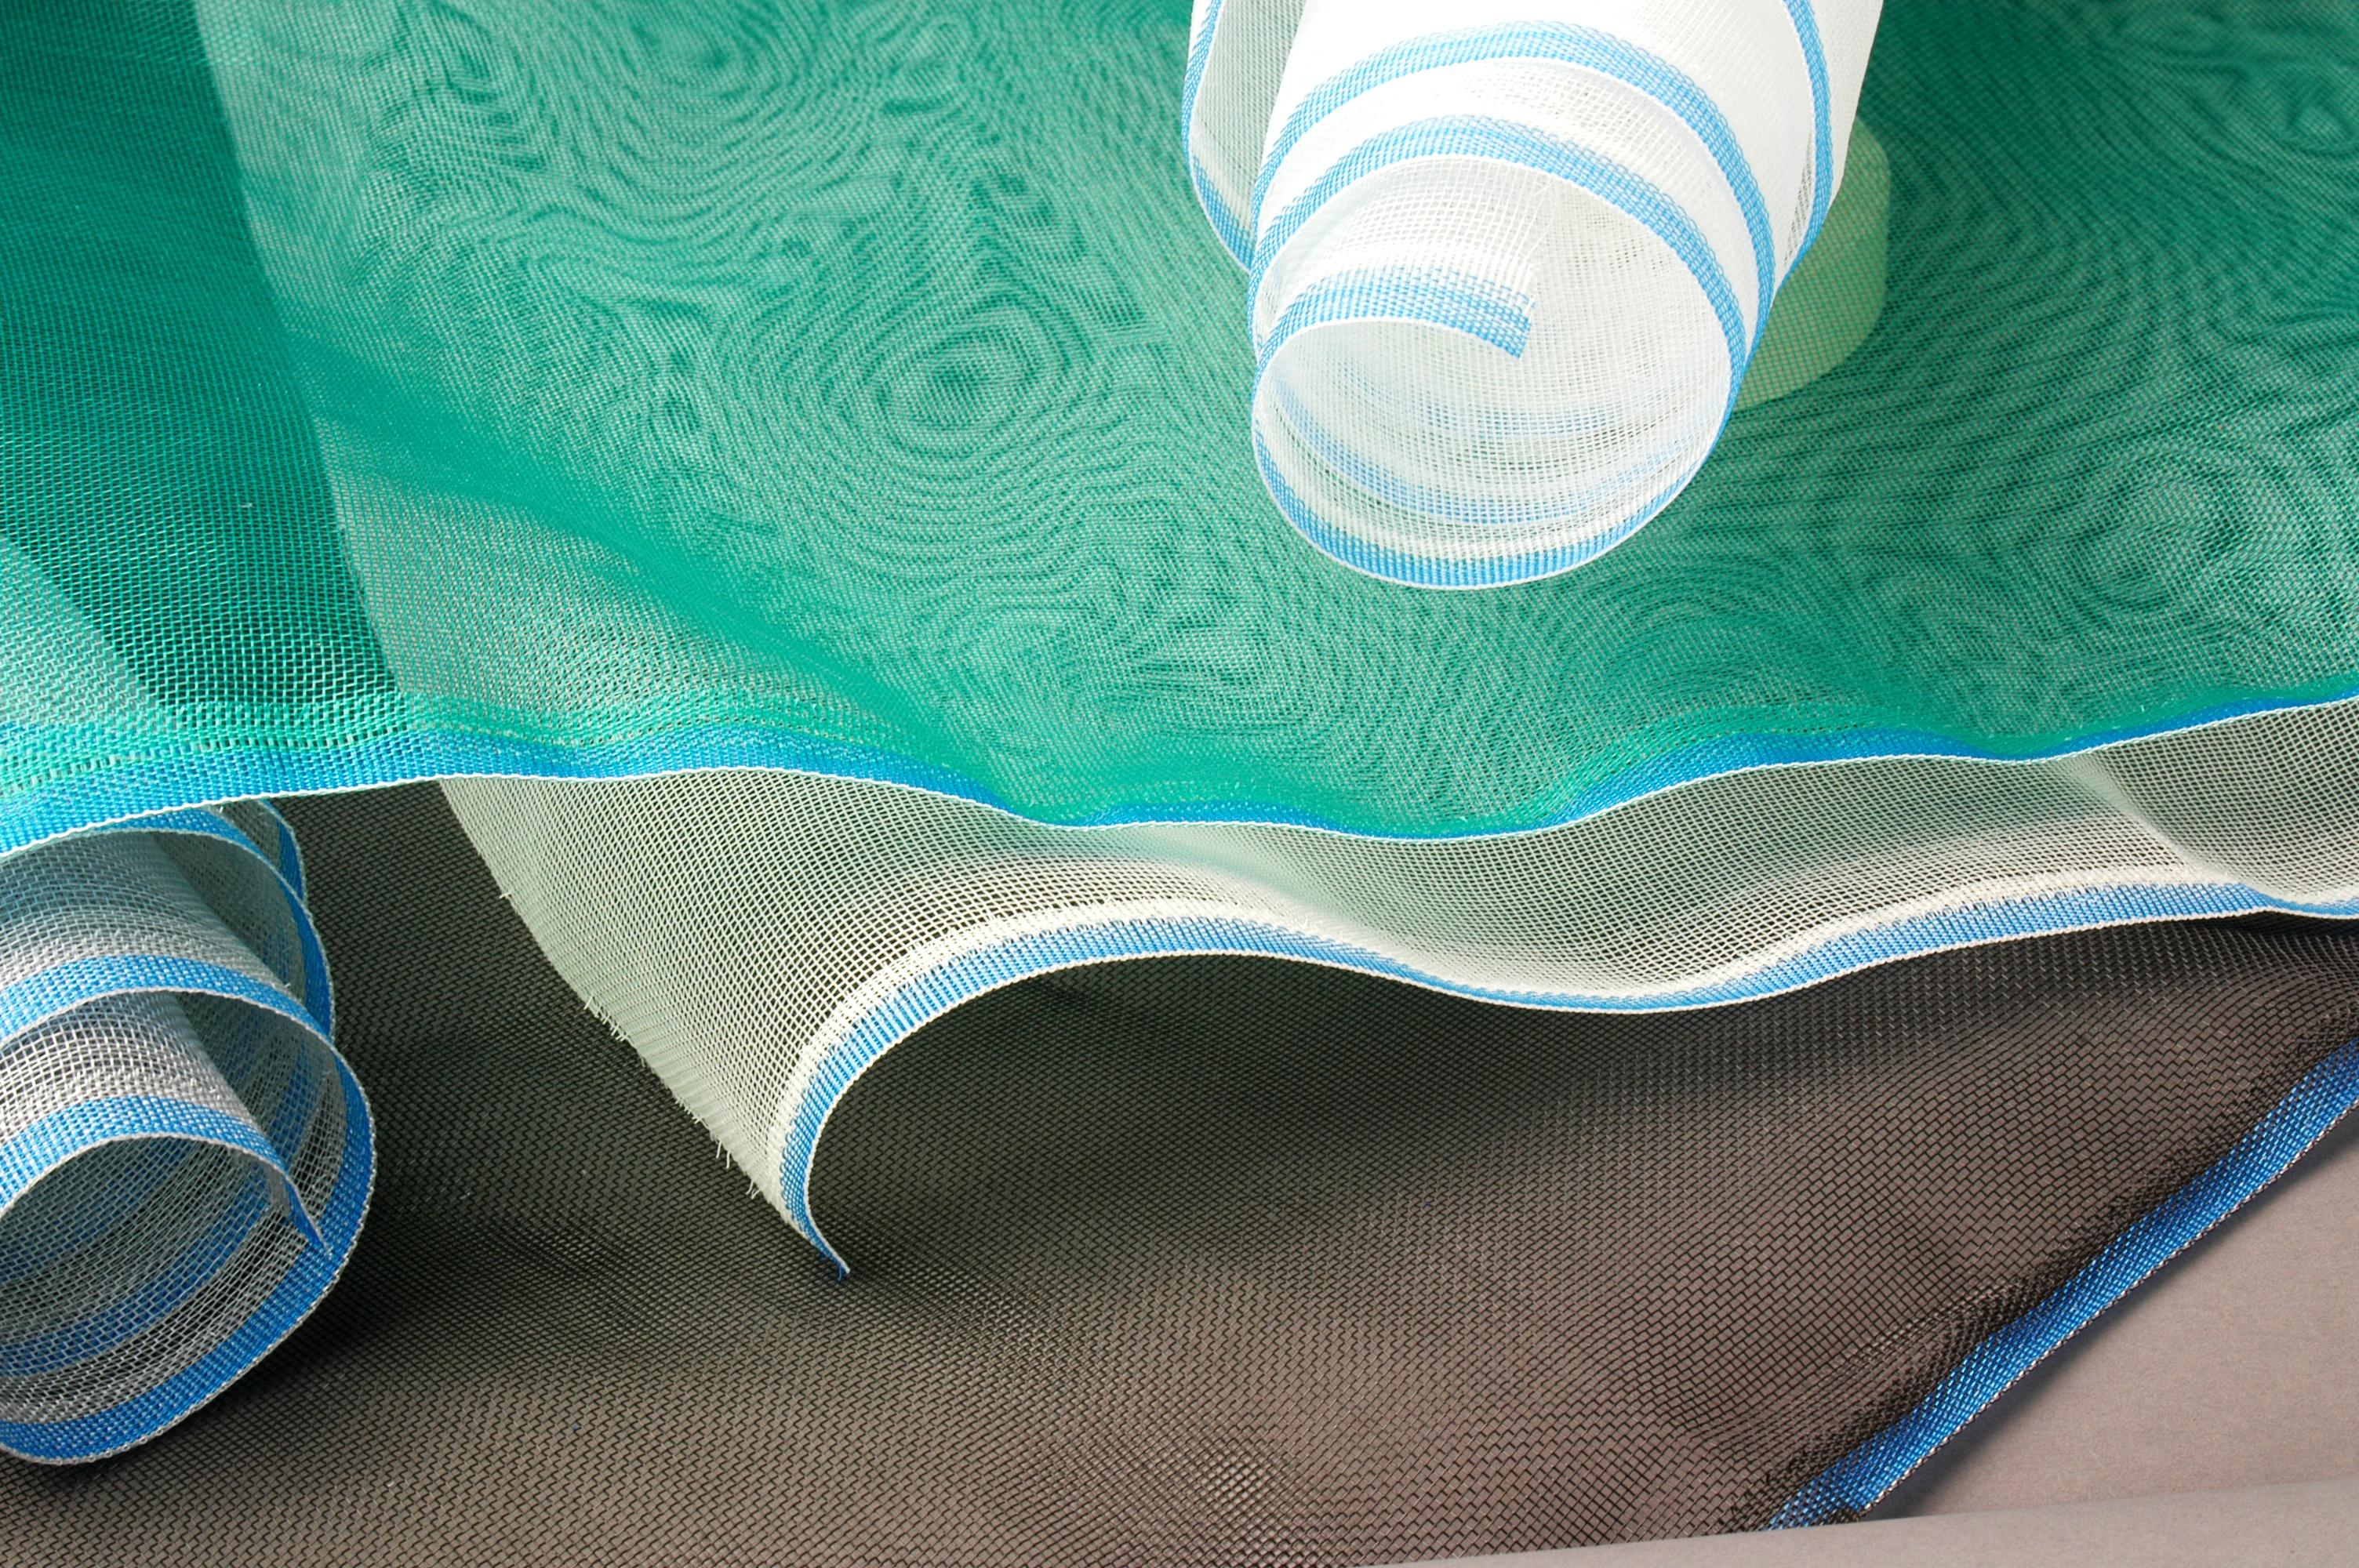 Apypsa Articulos De Plastico Mallas Y Tejidos Plasticos Para La  # Muebles Tejidos De Plastico